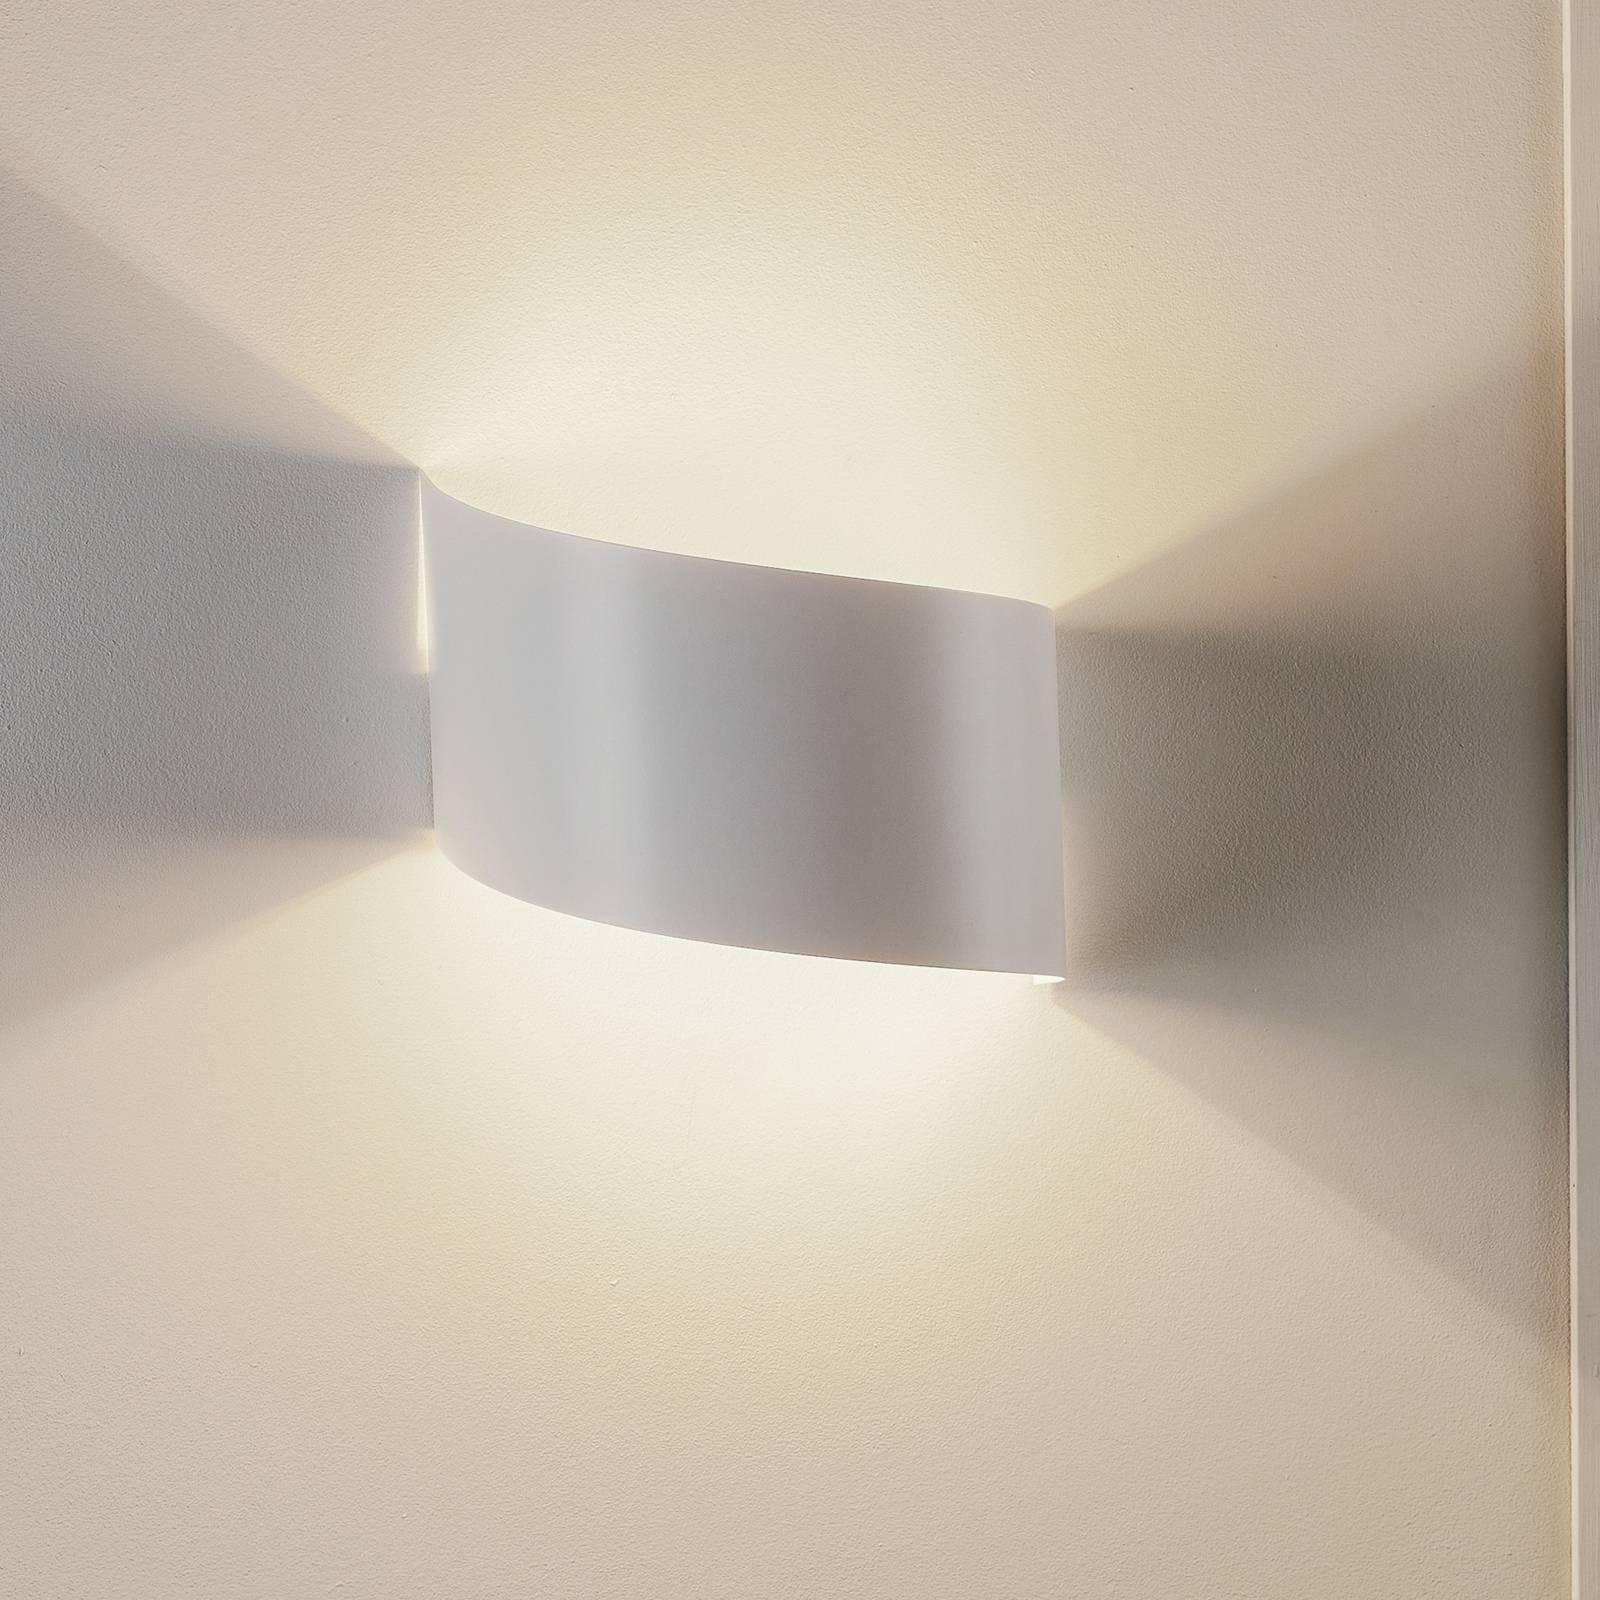 Wandlamp Vero van wit gelakt staal